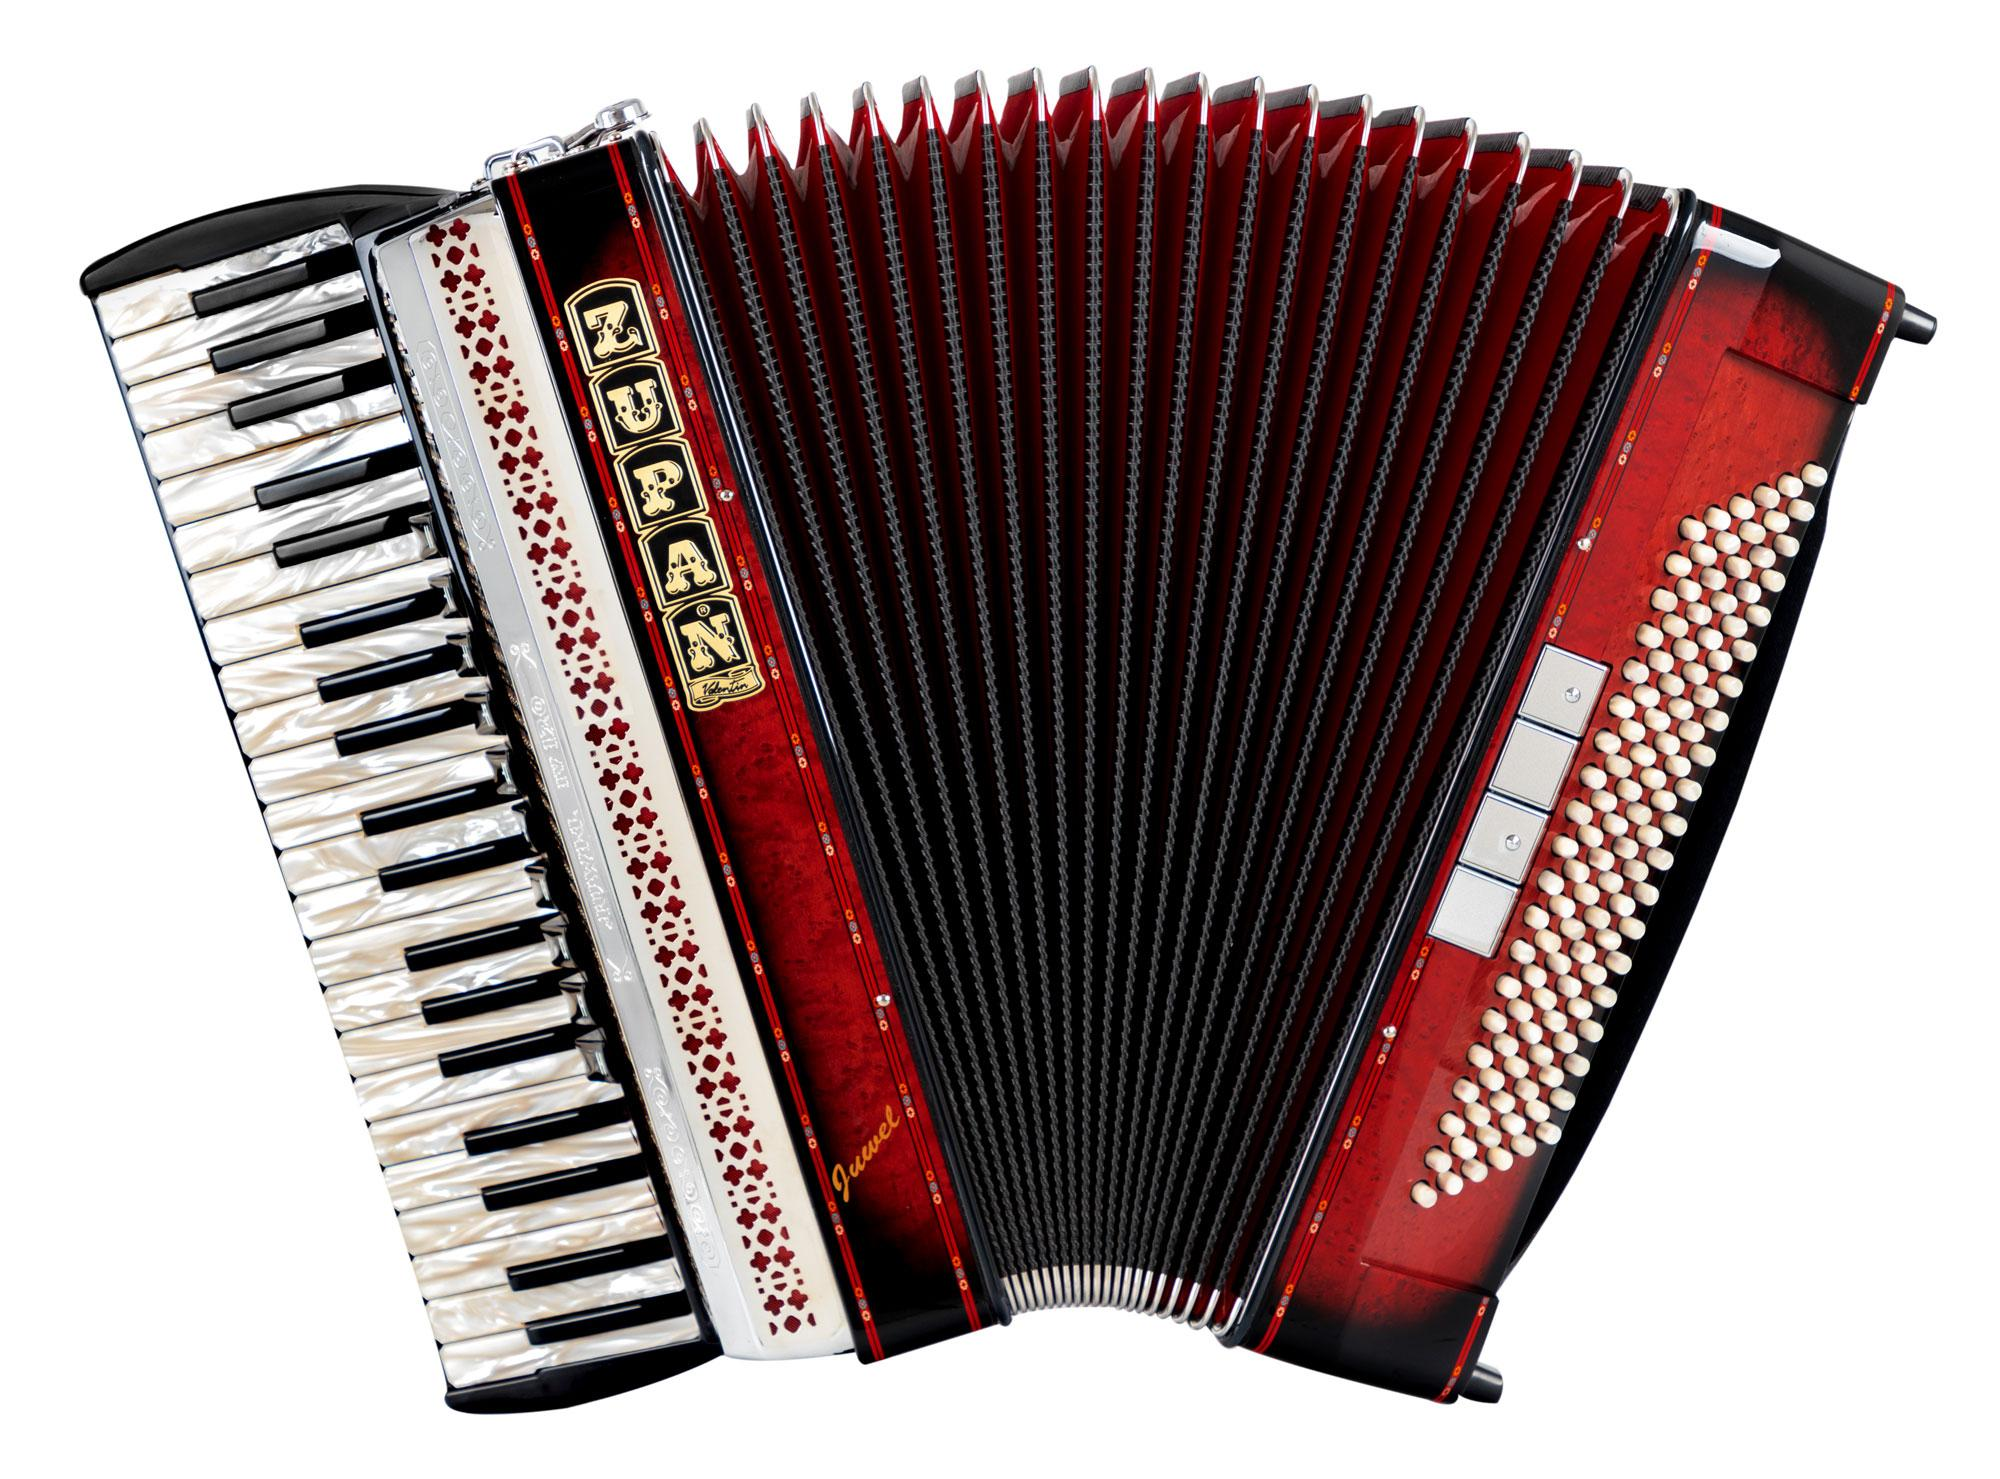 Akkordeons - Zupan Juwel IV 120 M Akkordeon Shadow Red - Onlineshop Musikhaus Kirstein